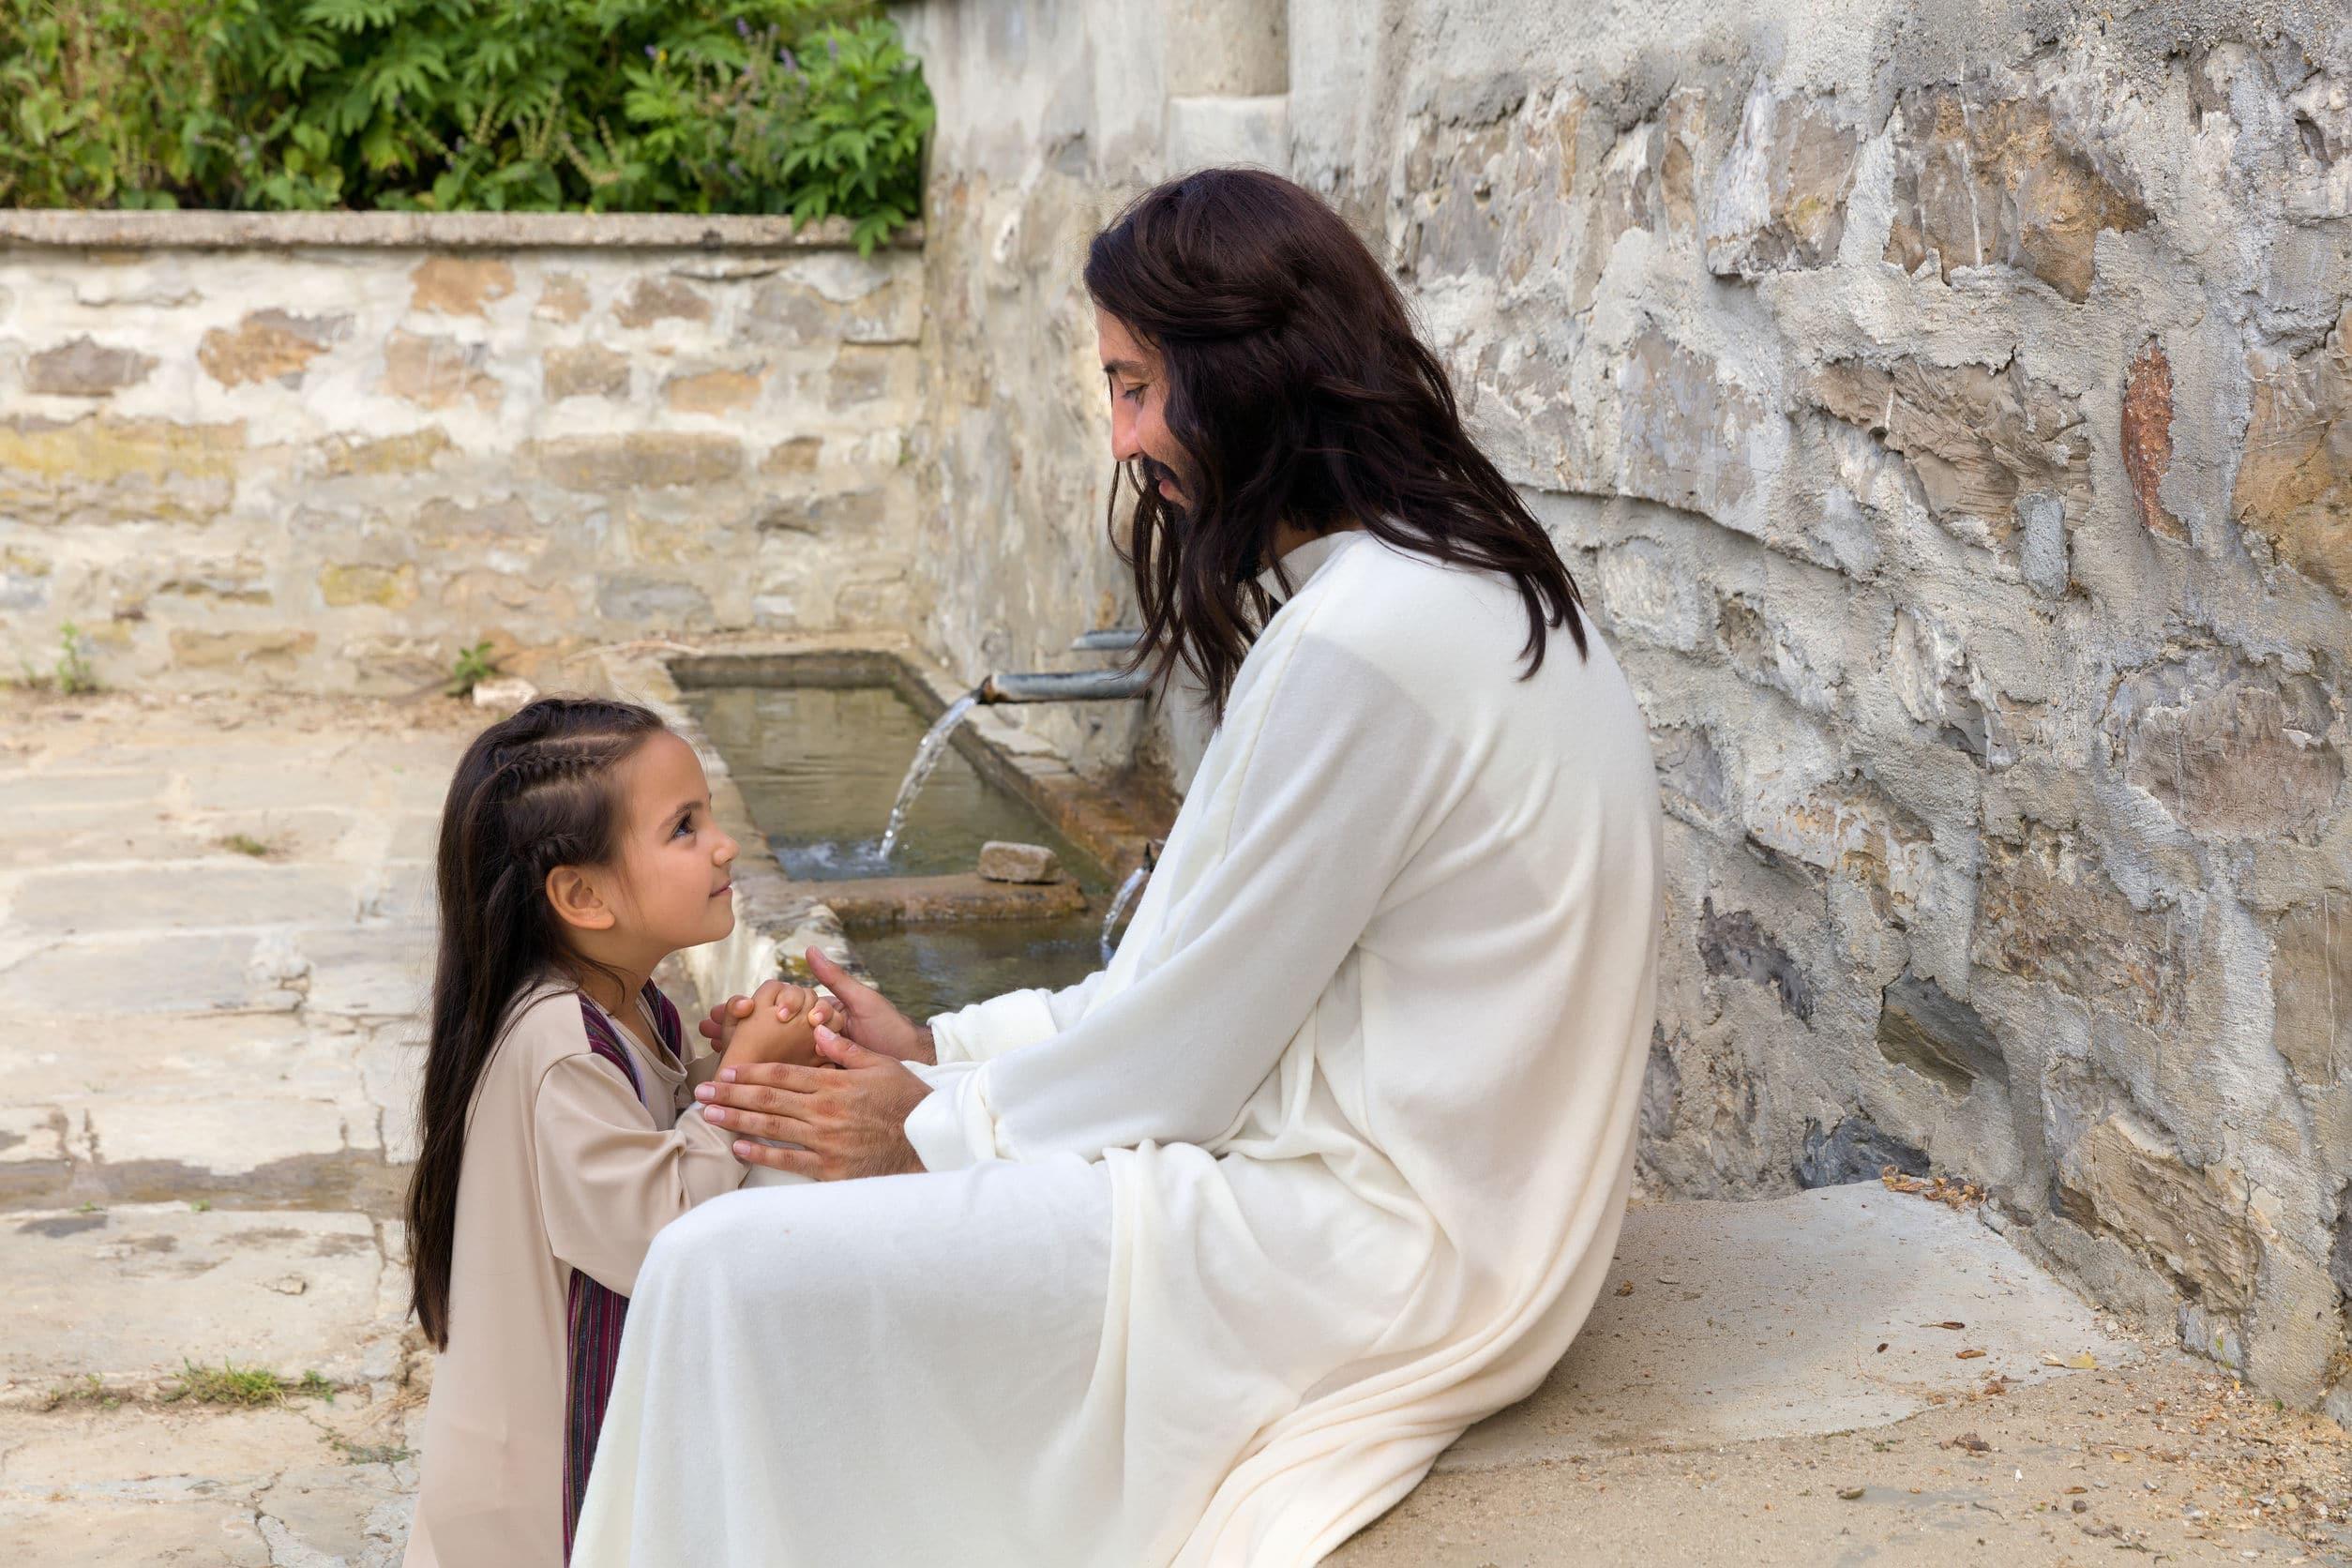 Criança vestida com vestes antigas de mãos dadas com um homem vestido de jesus, sentados perto de uma fonte de água.